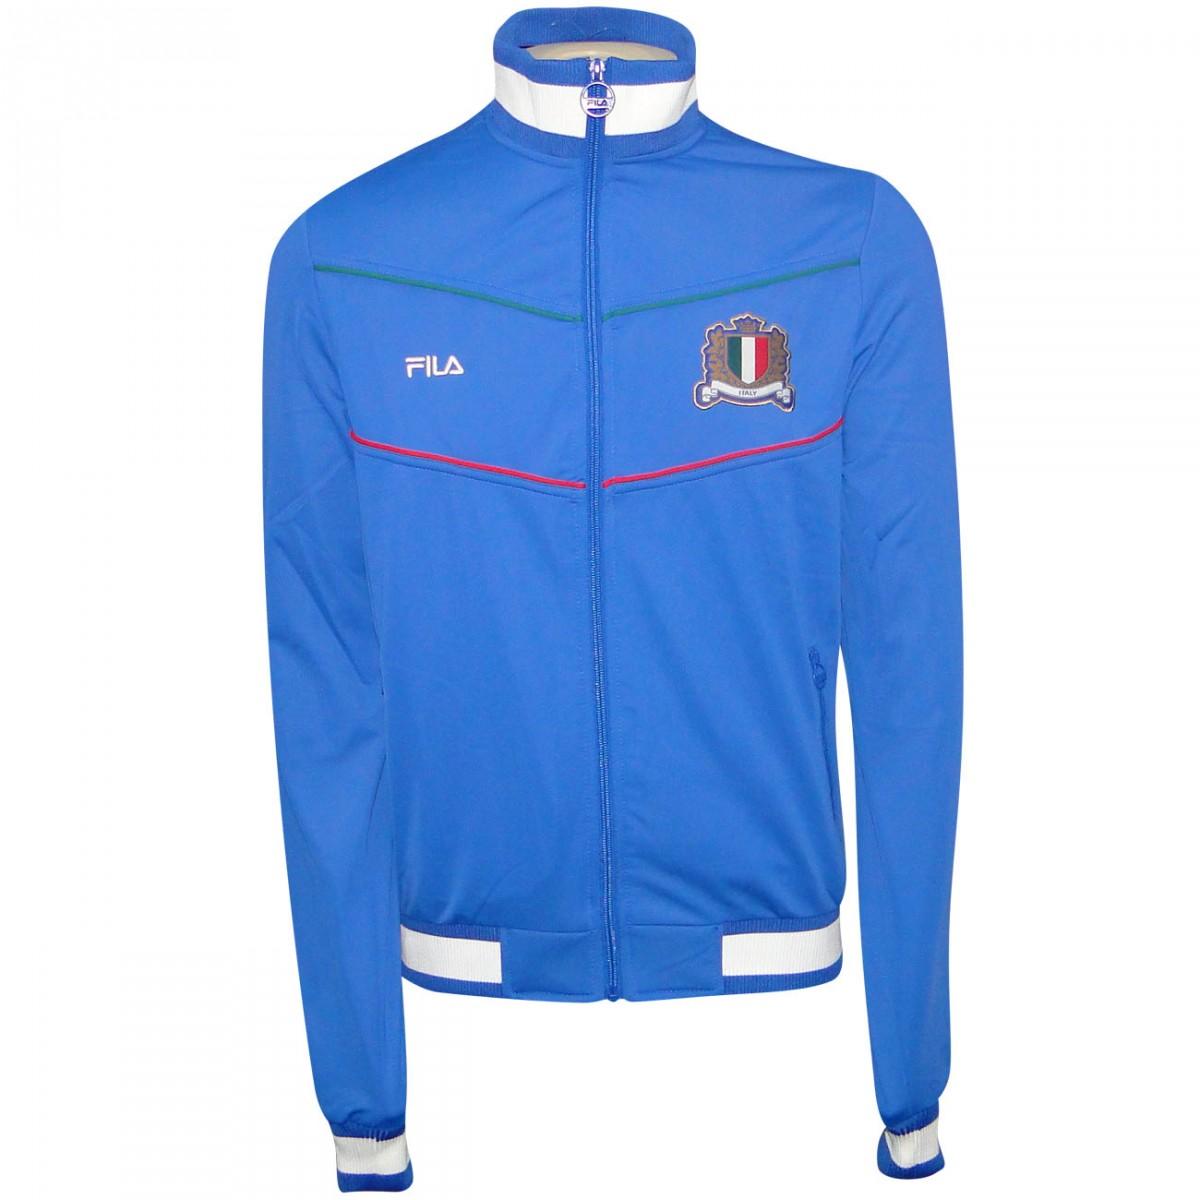 9979b7e98bb5c Jaqueta Italia Fila 2014 521615 - Royal - Chuteira Nike